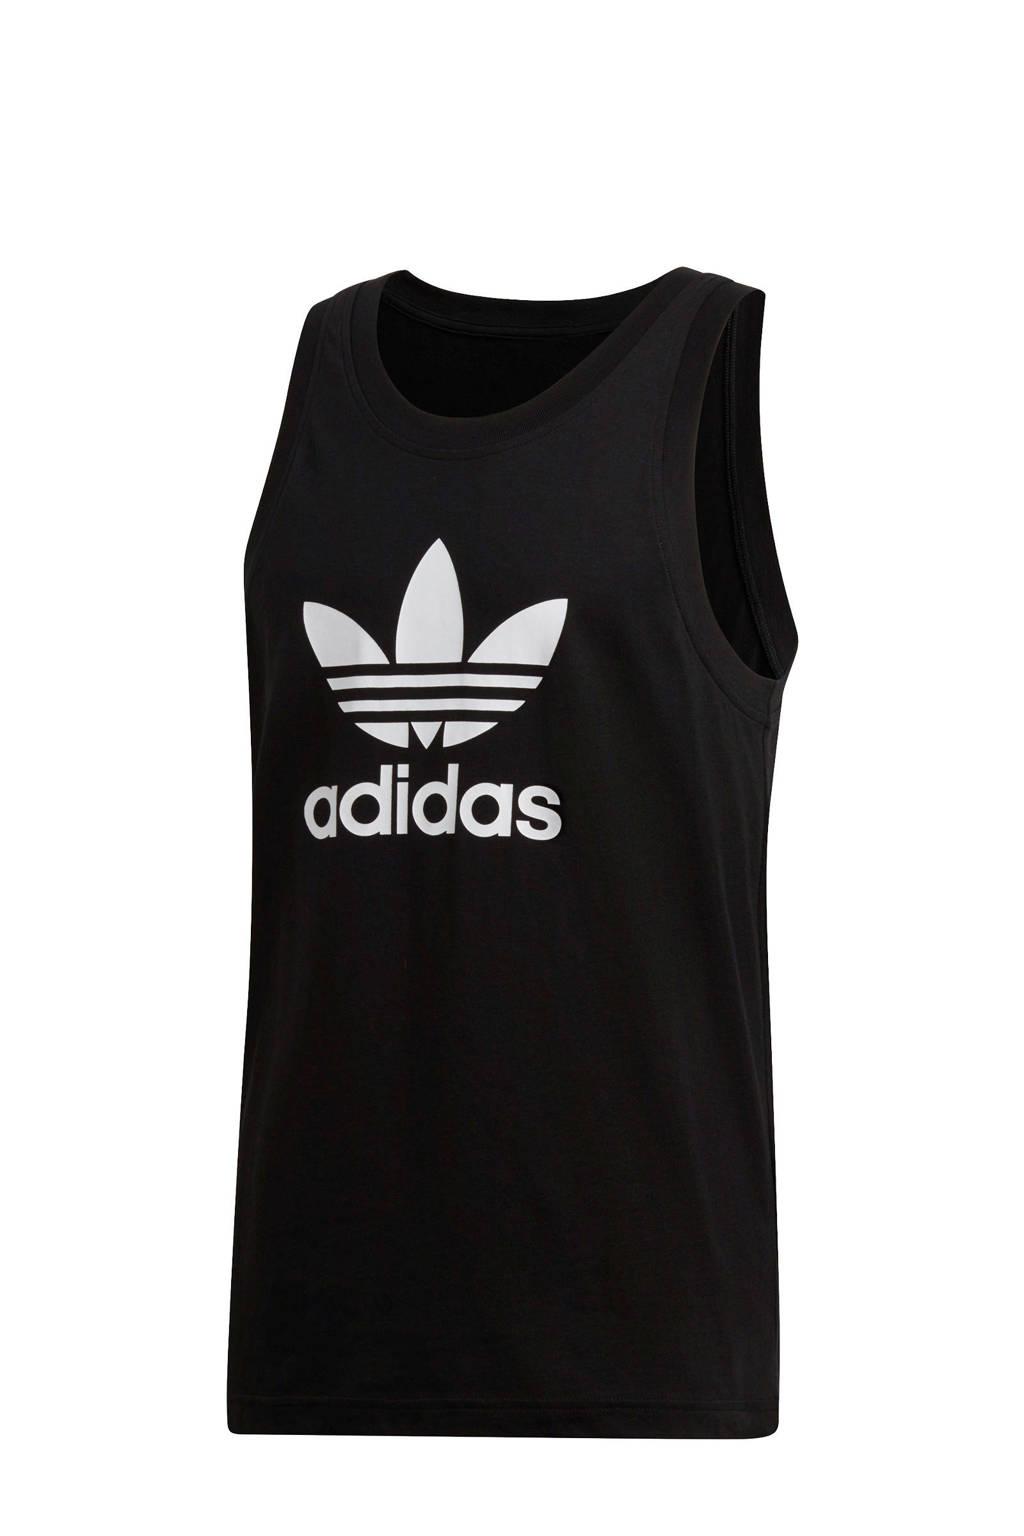 adidas Originals singlet zwart, Zwart/wit